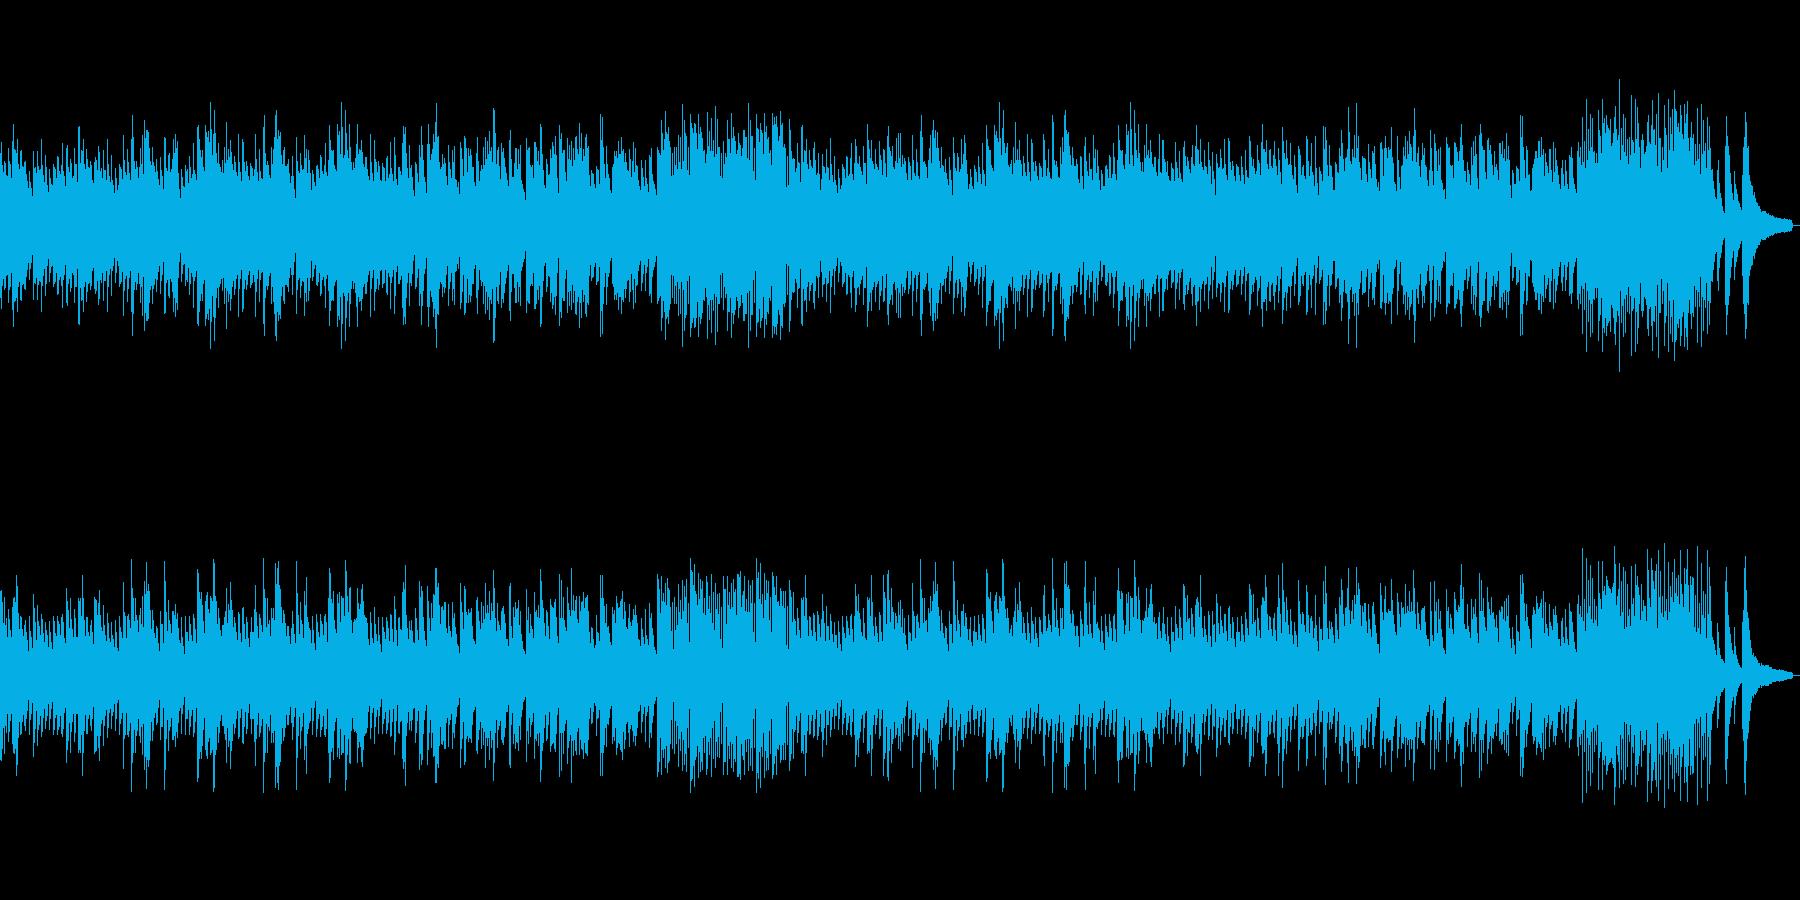 穏やかな雰囲気のピアノソロバラードの再生済みの波形